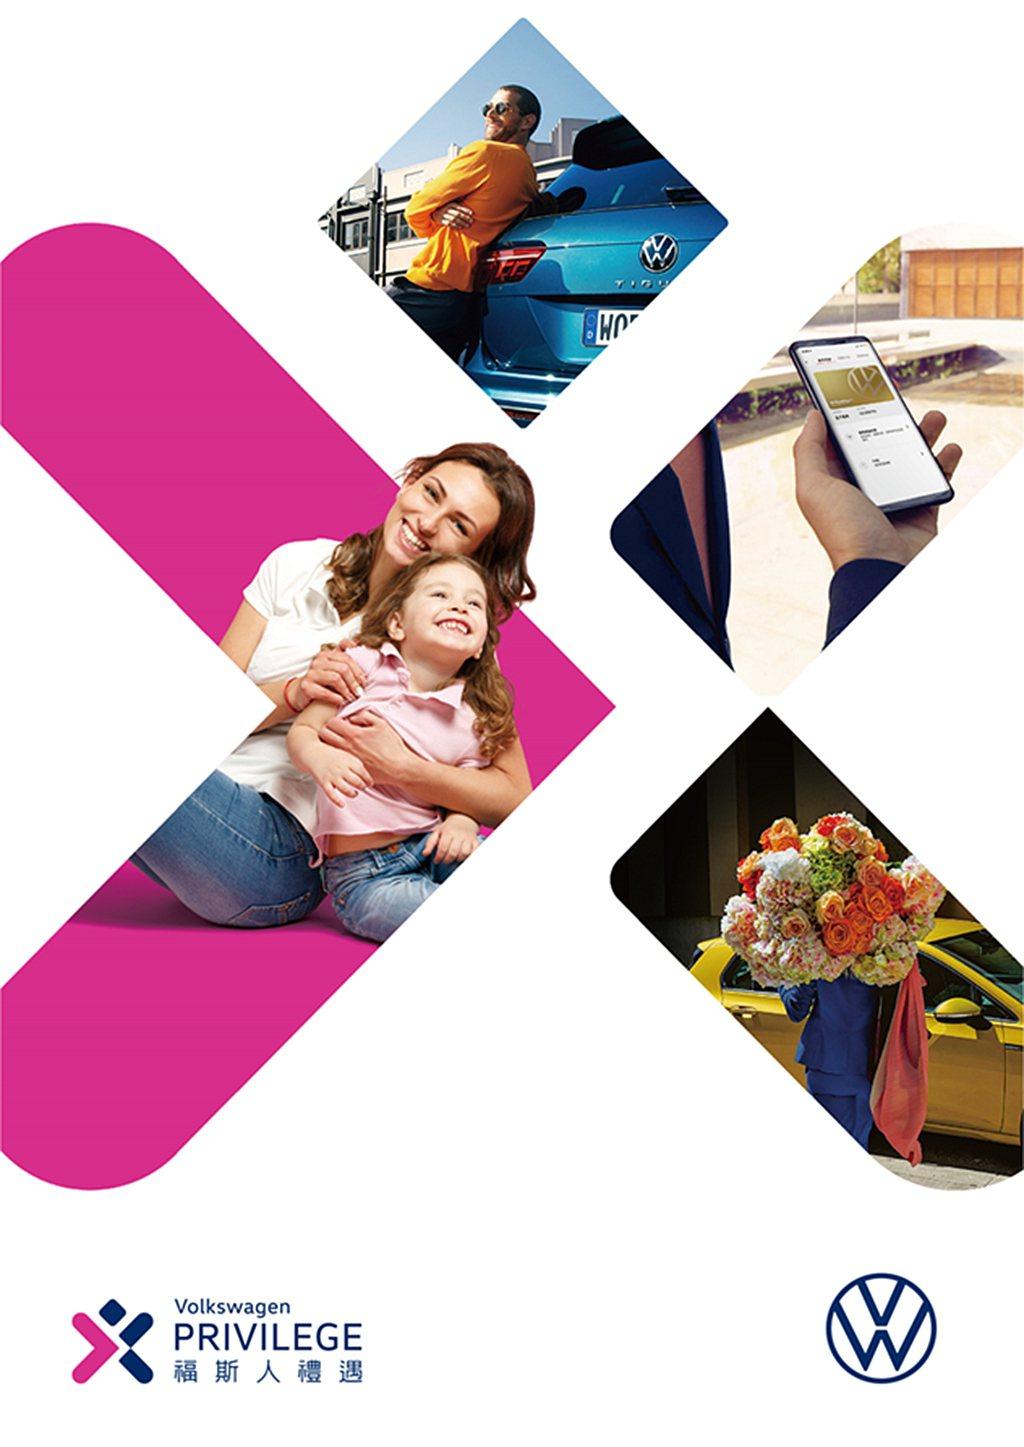 「福斯人禮遇計畫」推出屆滿1周年,會員人數累積突破6萬人,展現品牌數位化結晶和車...